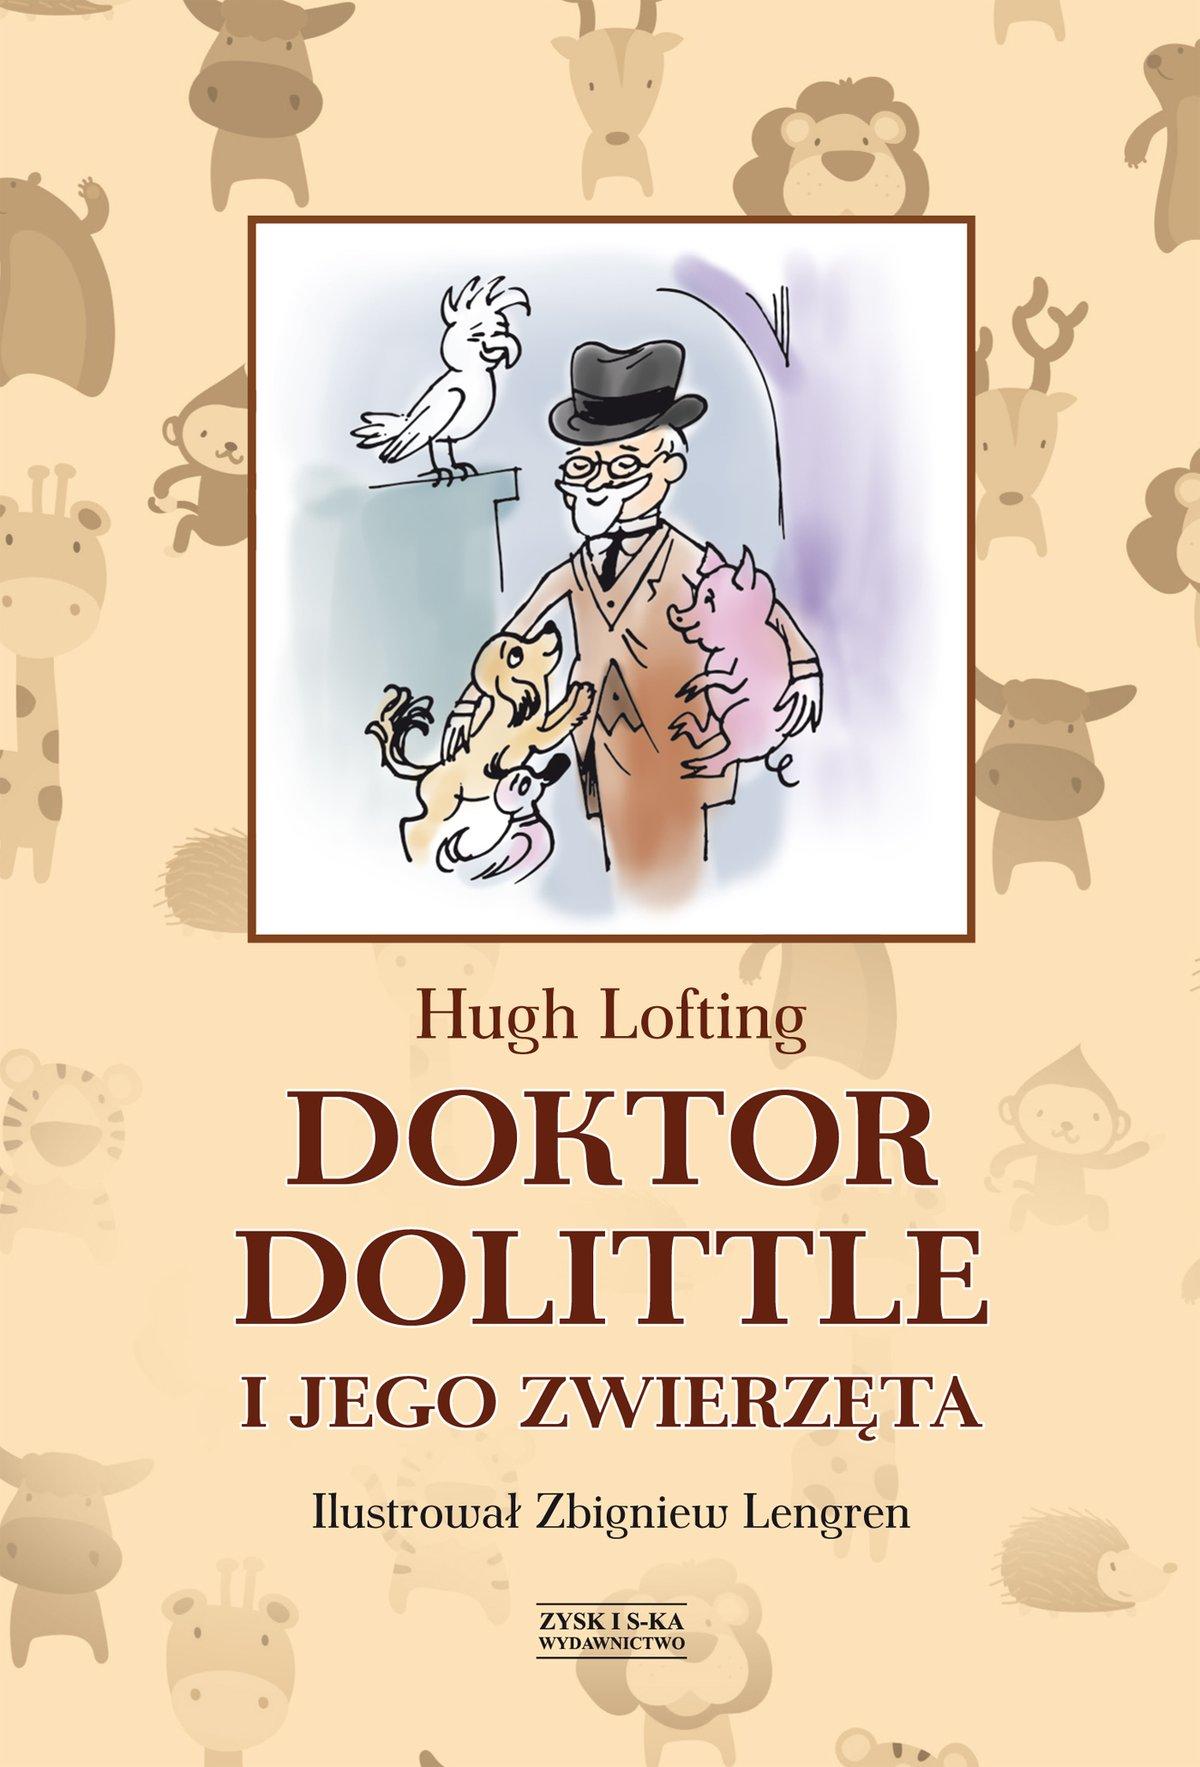 Doktor Dolittle i jego zwierzęta - Ebook (Książka na Kindle) do pobrania w formacie MOBI